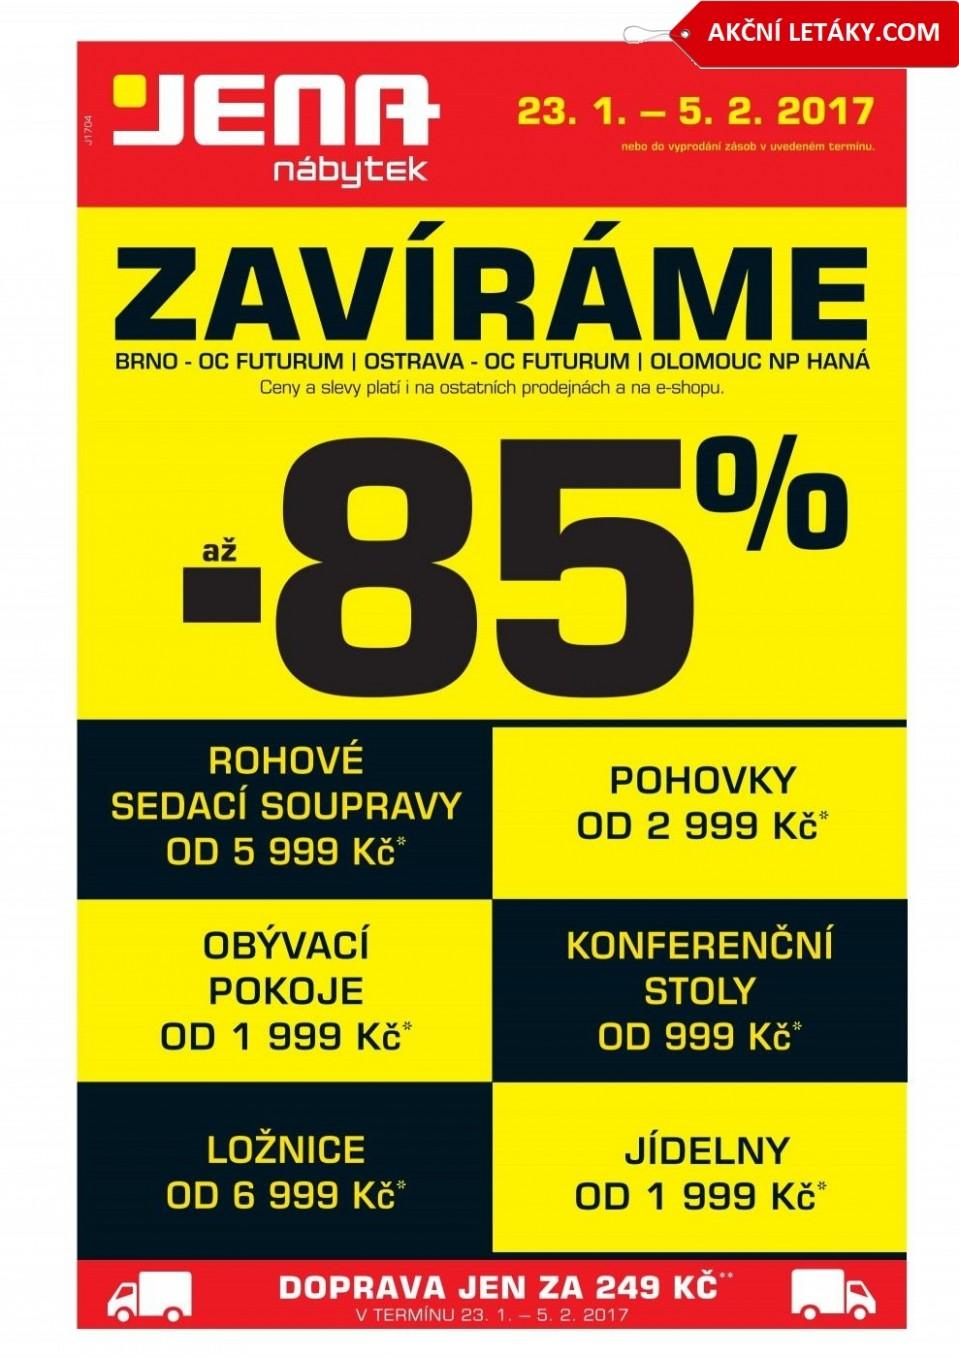 Jena nábytek leták od 67.67.670677 Výprodej Brno, Ostrava Olomouc 67/67